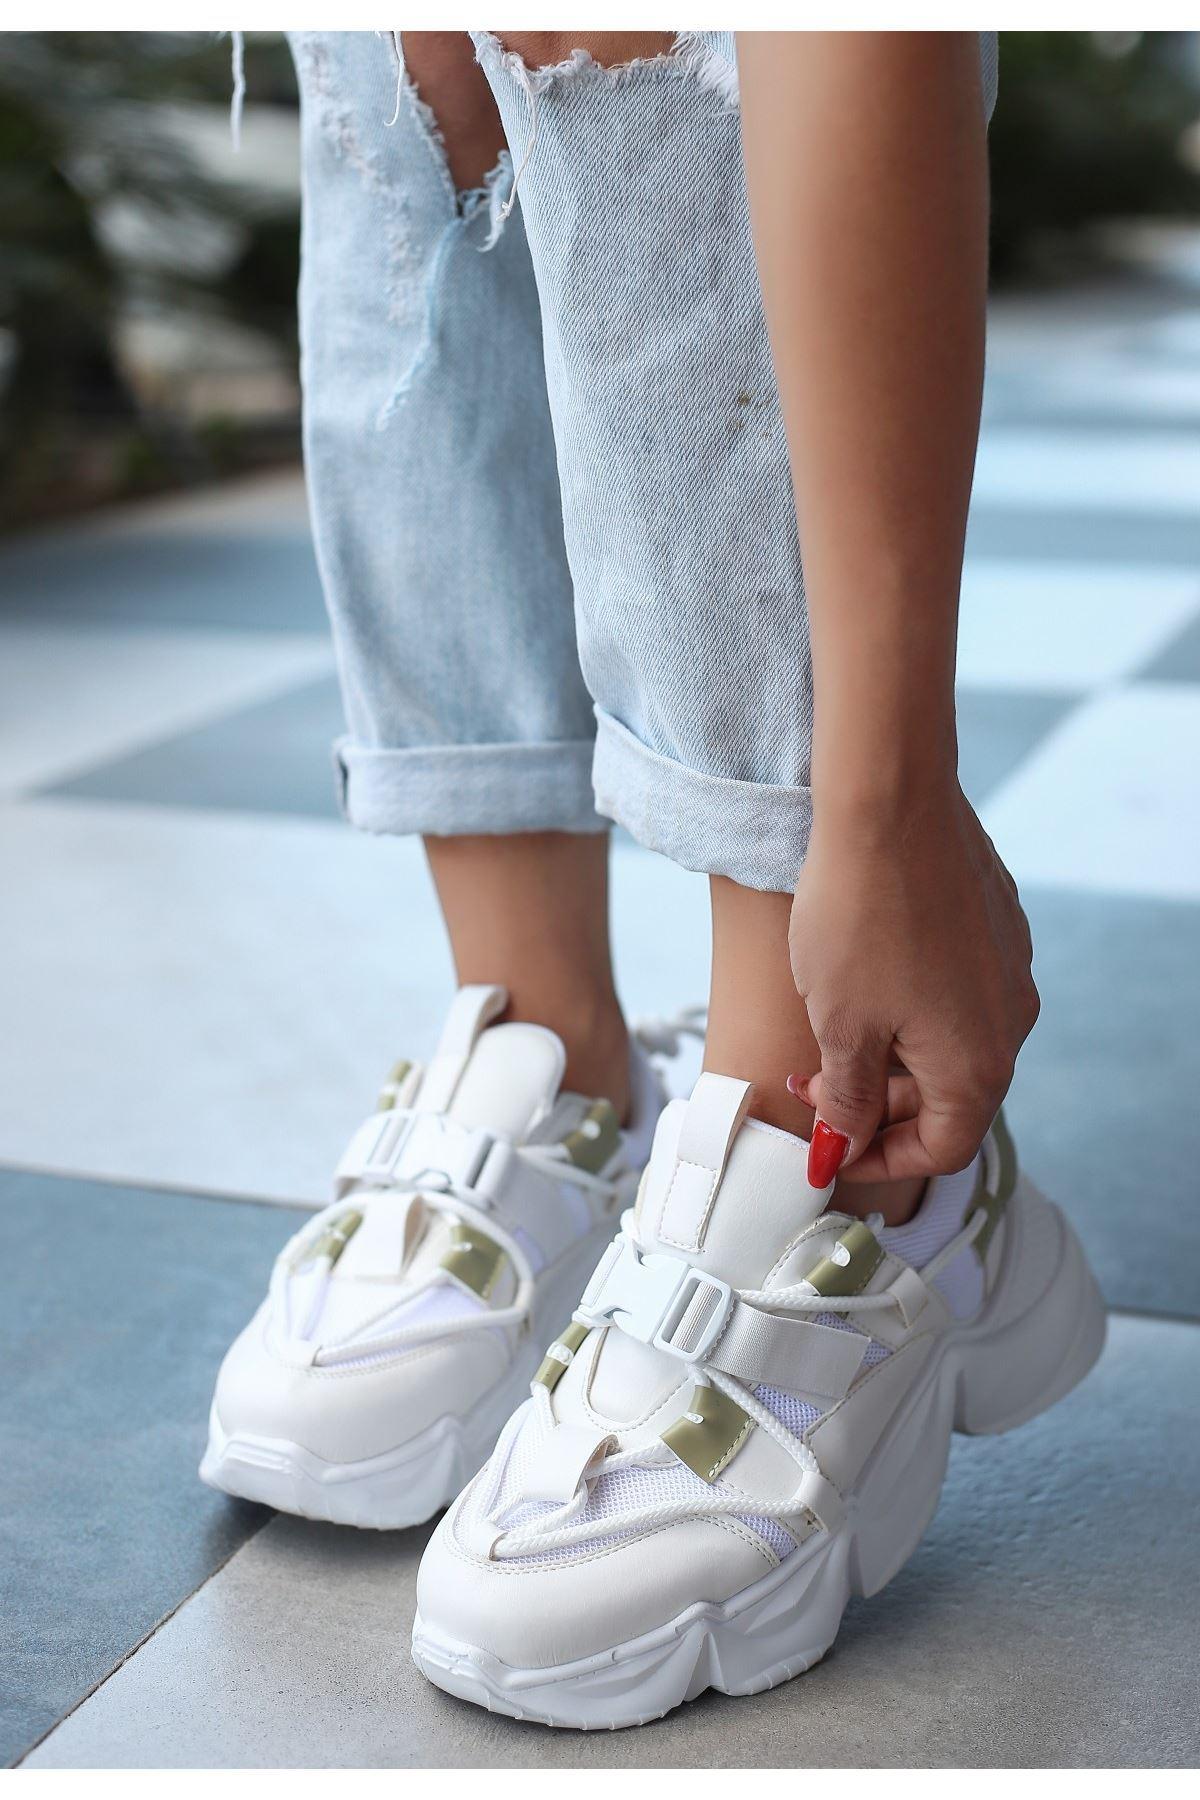 Maine Beyaz Cilt Yeşil Detaylı Spor Ayakkabı